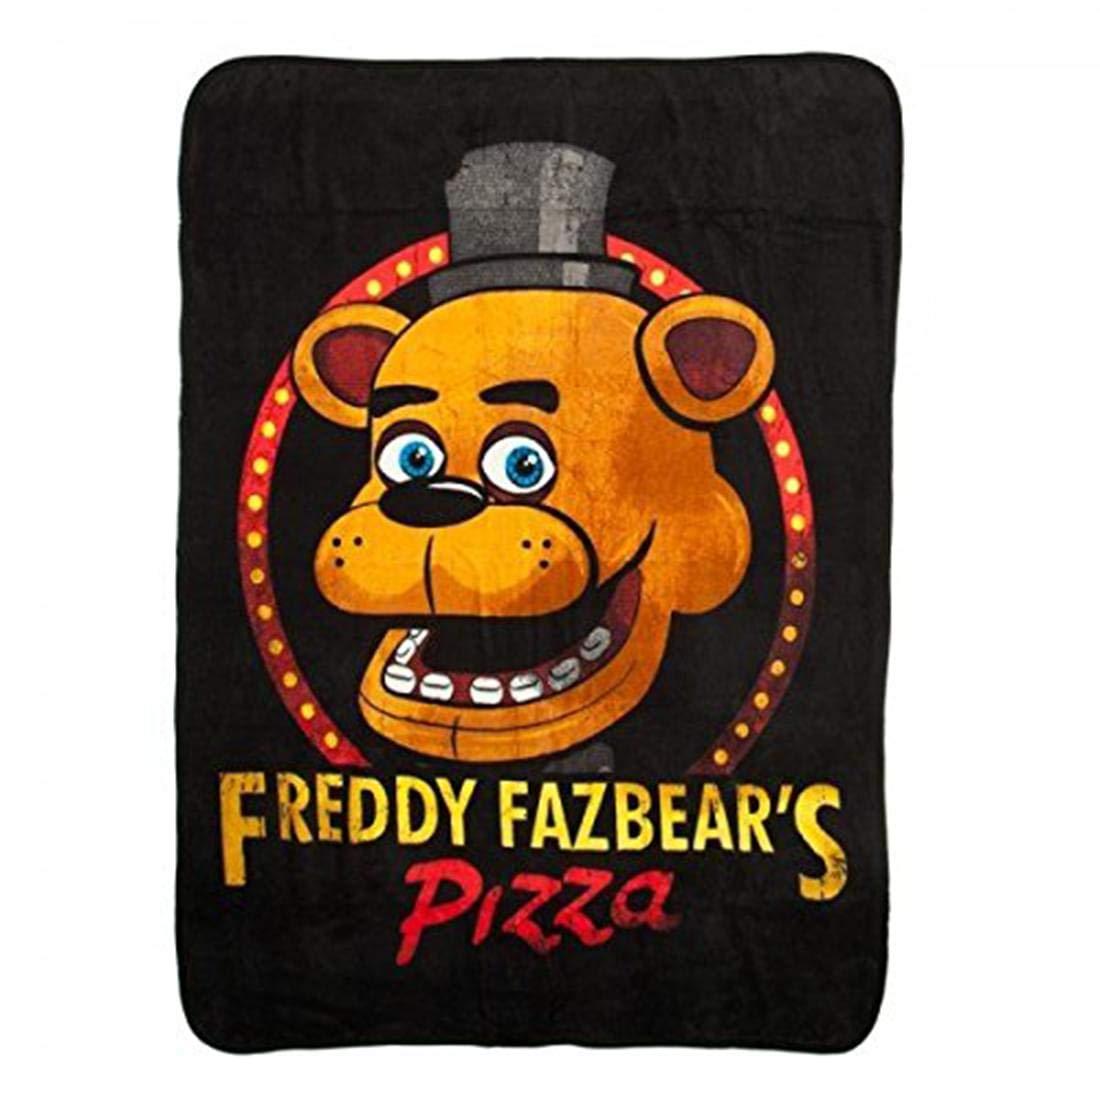 [バイオワールド]Bioworld Five Nights at Freddy Fazbear's Pizza Fleece Throw Blanket, 48 x 60 190371059759 [並行輸入品] B01EM6DDWY